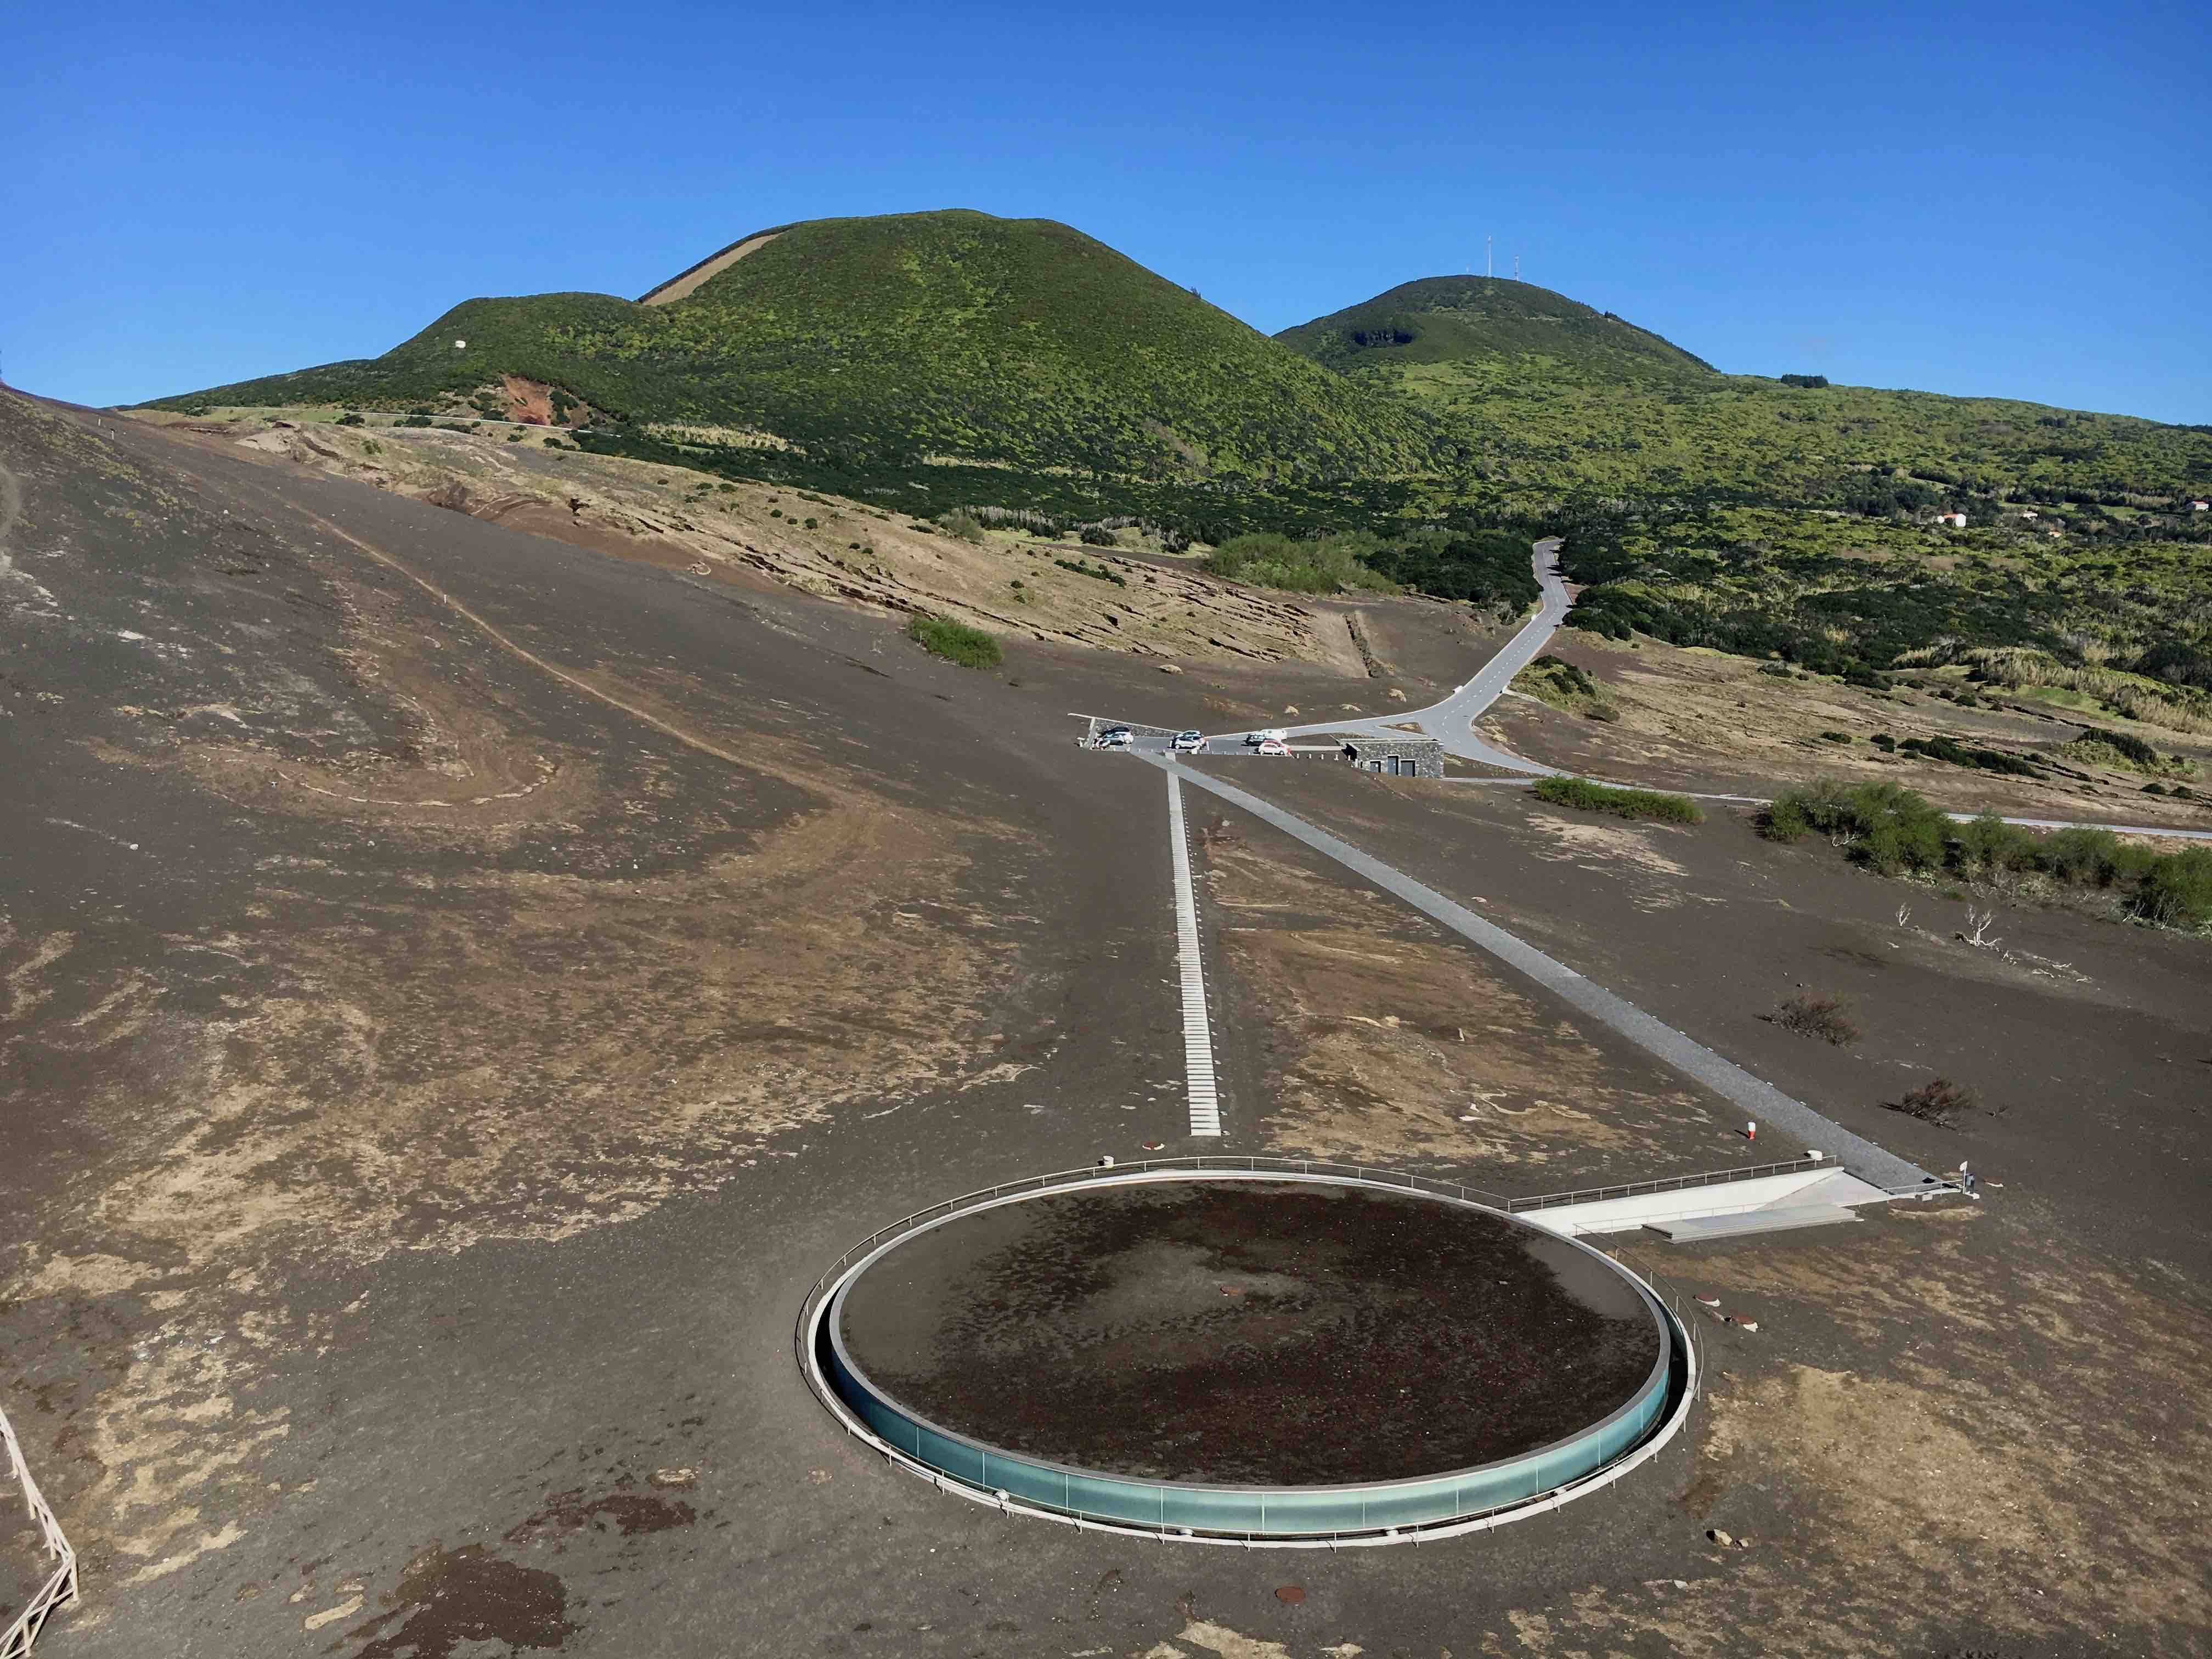 Centro di interpretazione vulcano di Capelinhos Faial